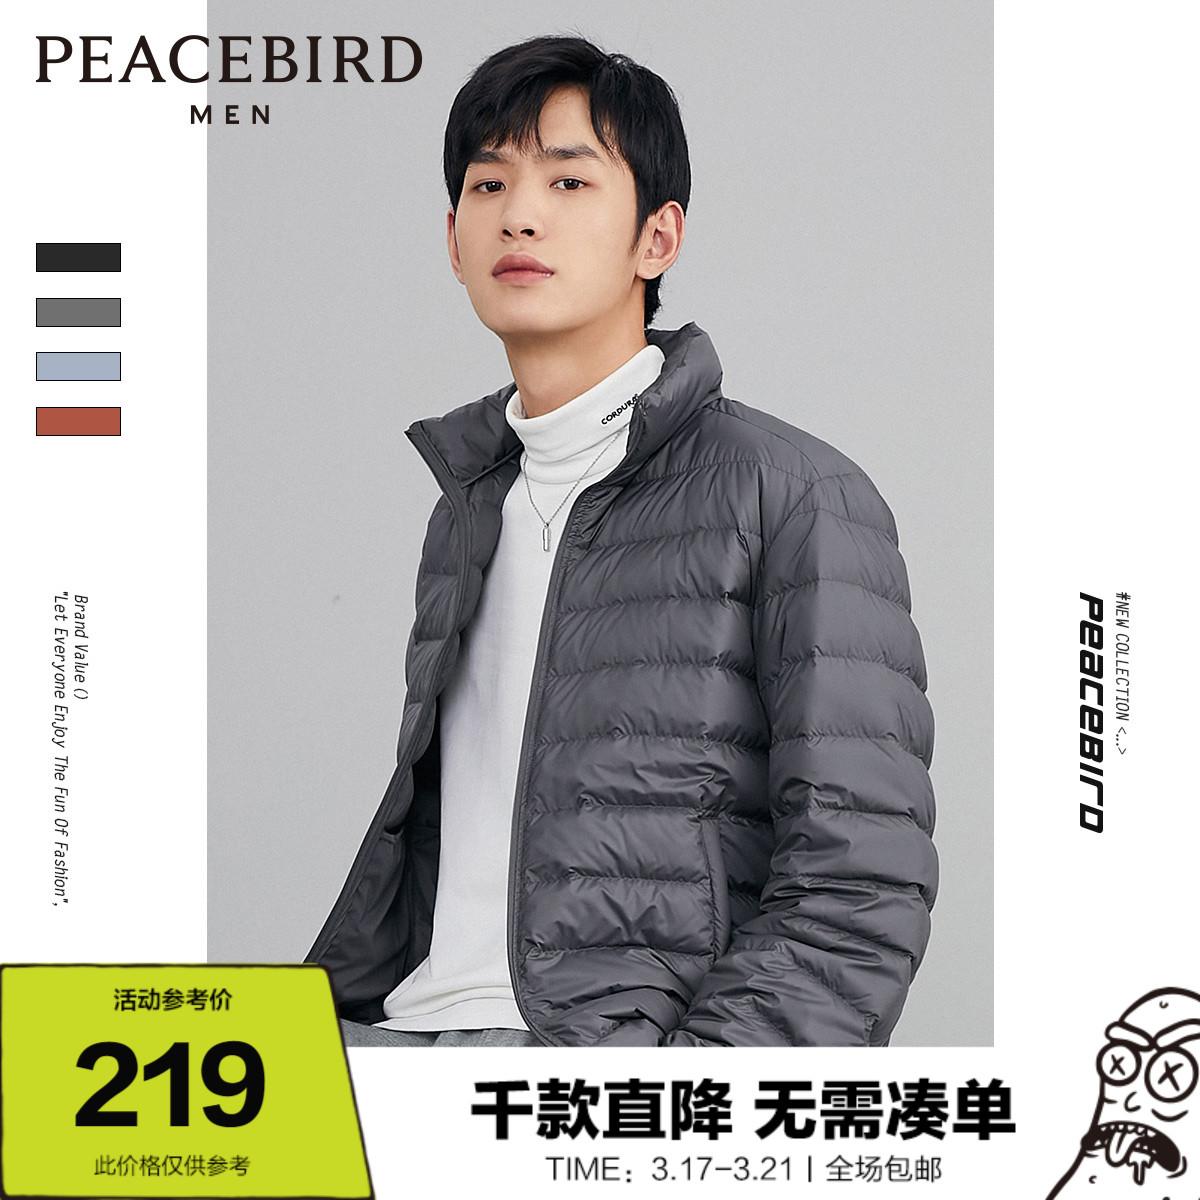 太平鸟男装旗舰店 冬季新款纯色轻薄羽绒服商务休闲鸭绒潮流外套